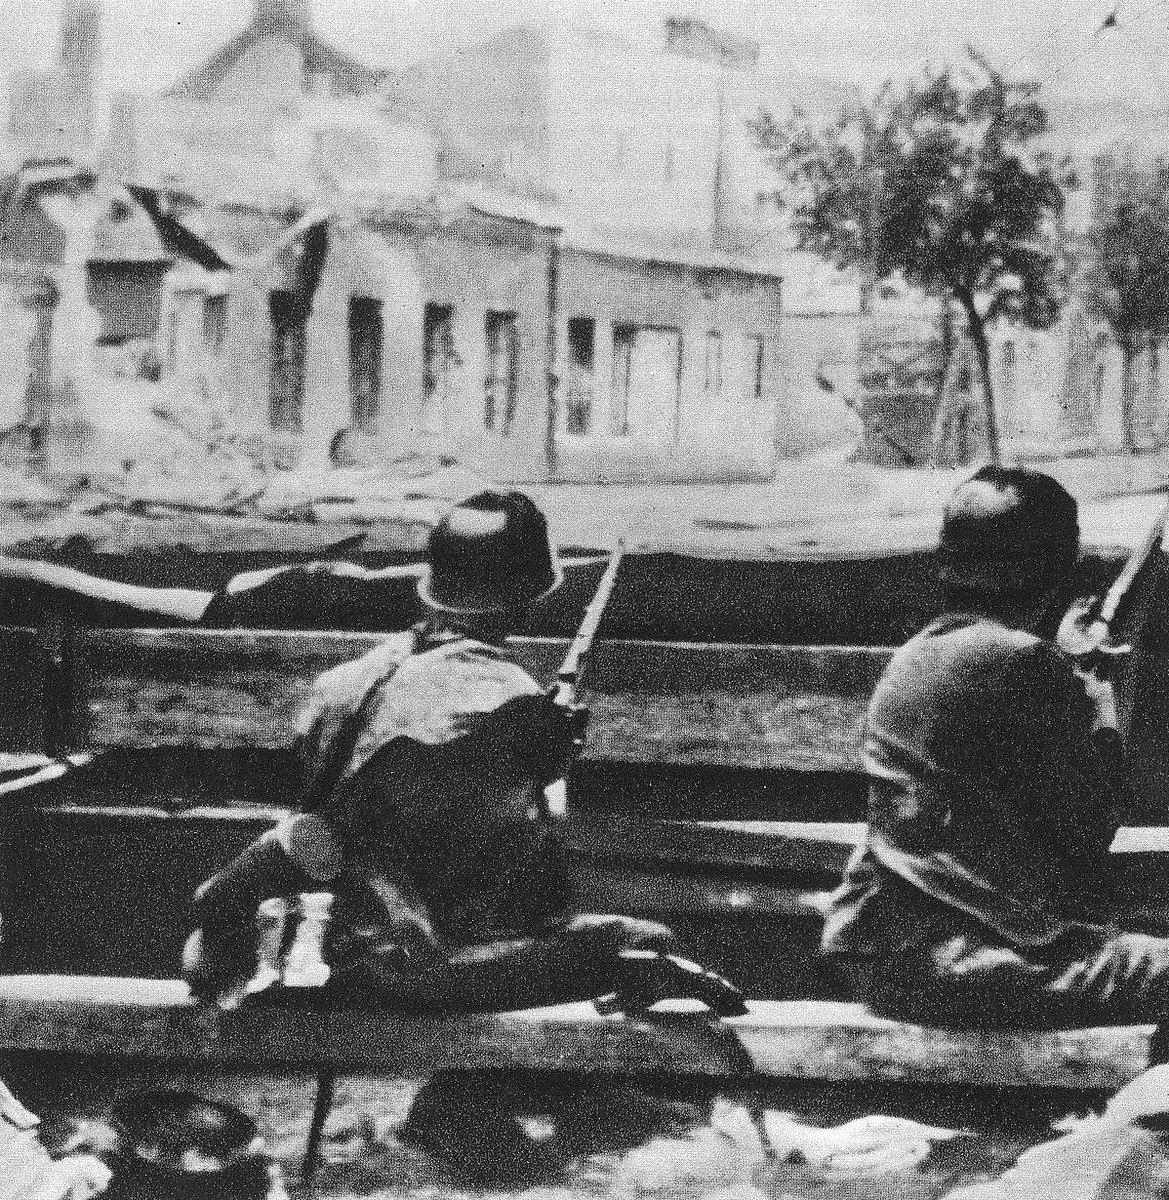 06.08.1944 r. - Powstanie Warszawskie:  - SS - Sonderbataillon Dirlewanger, dowodzony przez SS-Oberführera Oskara Dirlewangera, dopuszcza się wielu aktów ludobójstwa w kolejnych dzielnicach Warszawy, mordując ludność cywilną i rannych powstańców. https://t.co/fFSD6mGRfa